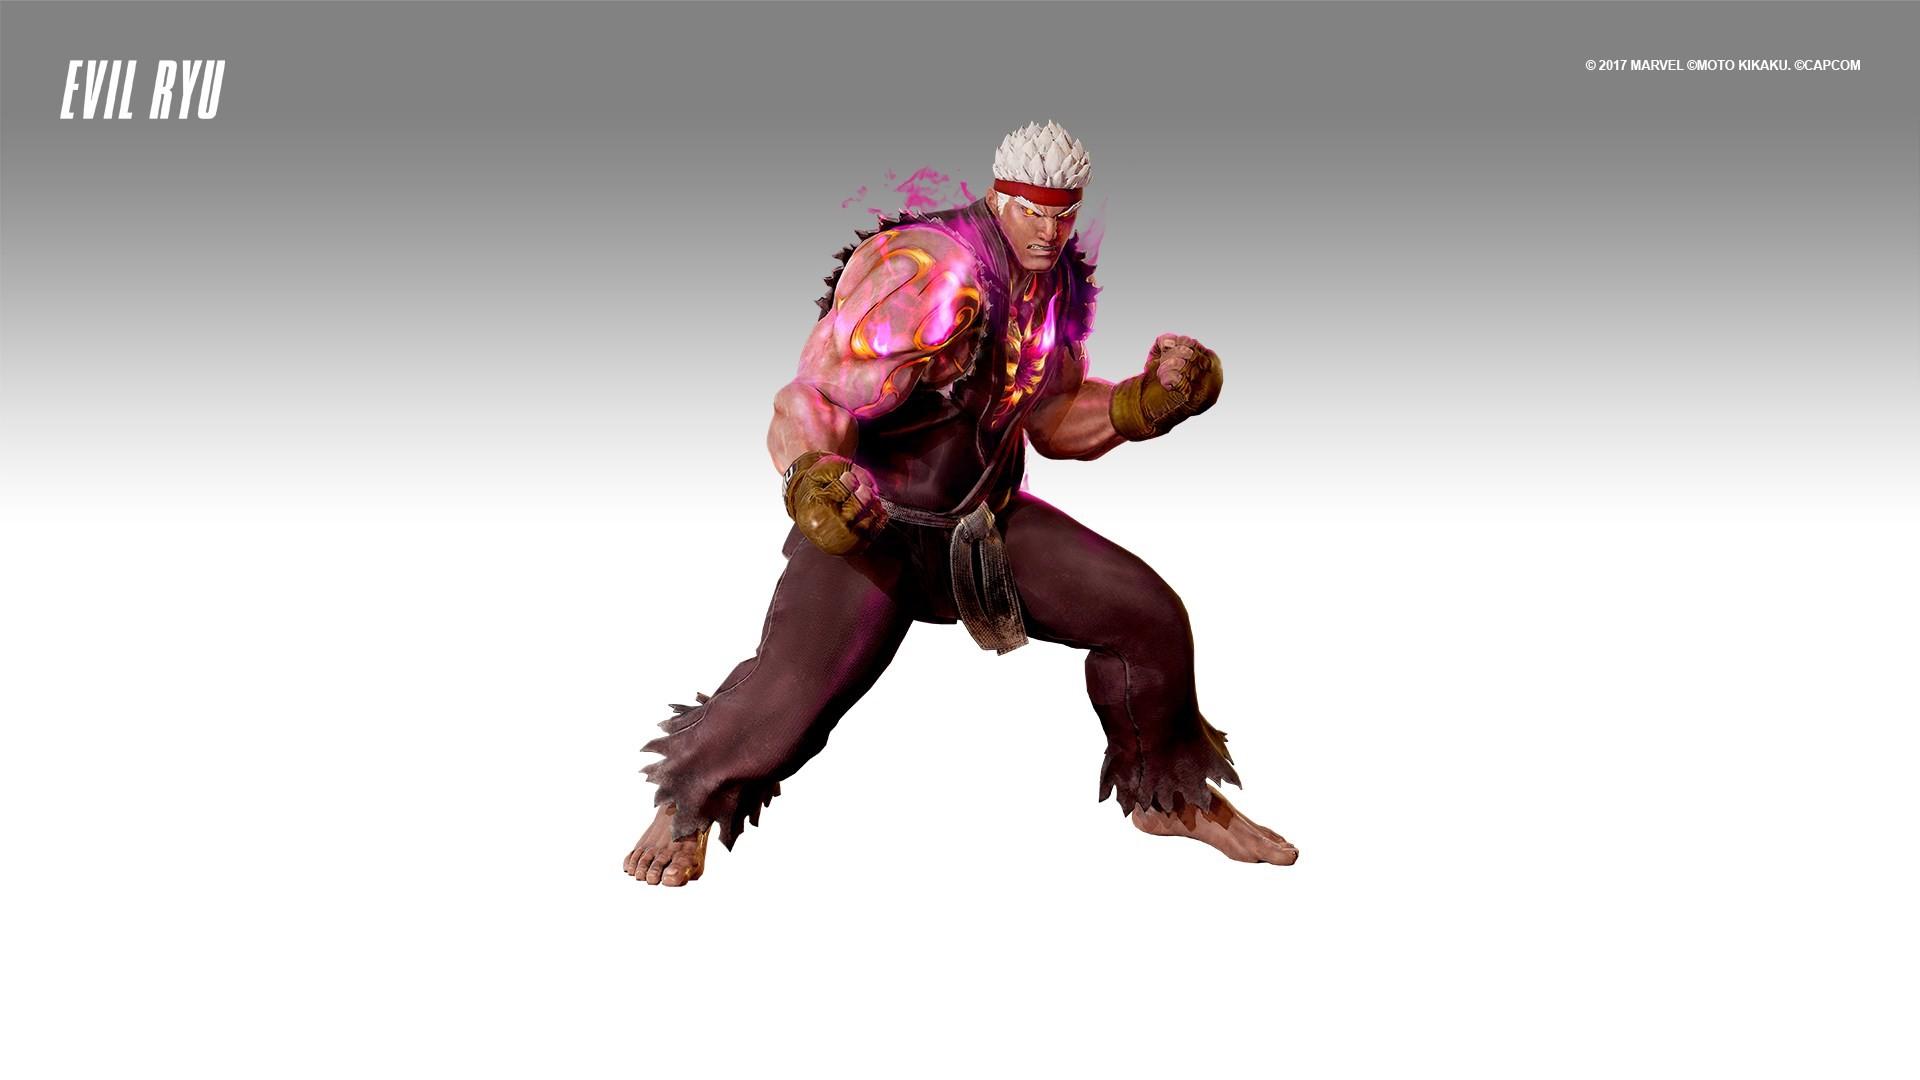 Res: 1920x1080, Capcom: Infinite - Evil Ryu Costume